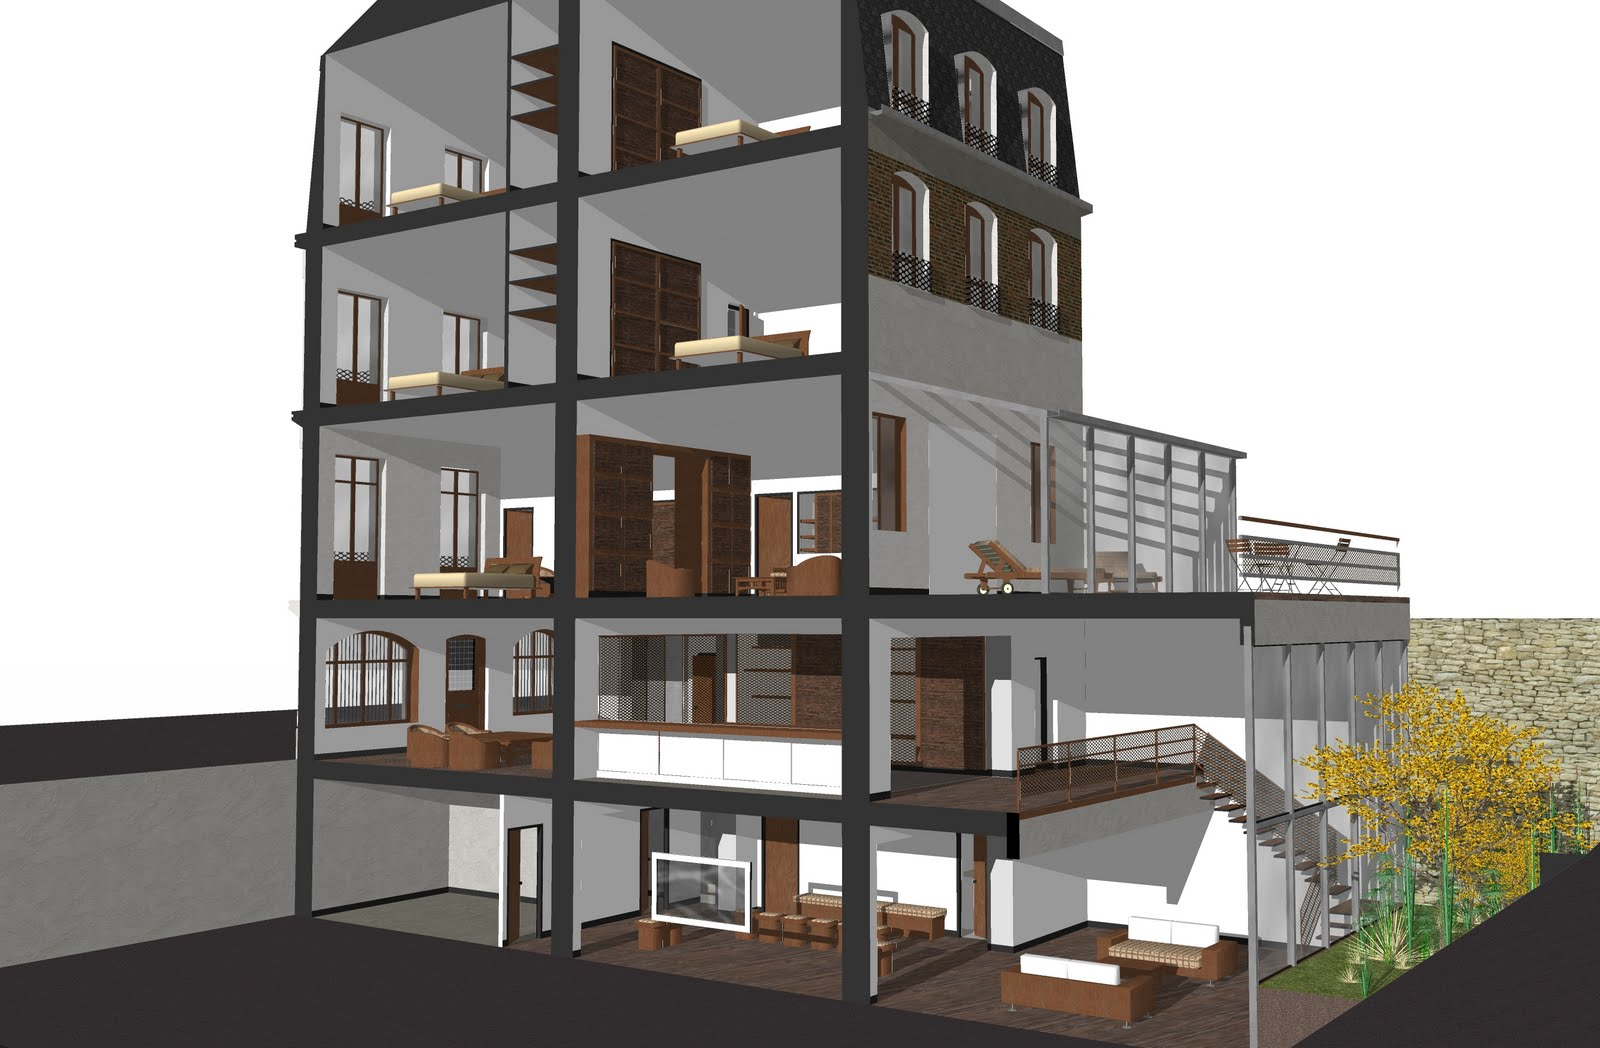 atelier d 39 architecture castellani r novation et restructuration d 39 un h tel particulier 11 rue. Black Bedroom Furniture Sets. Home Design Ideas